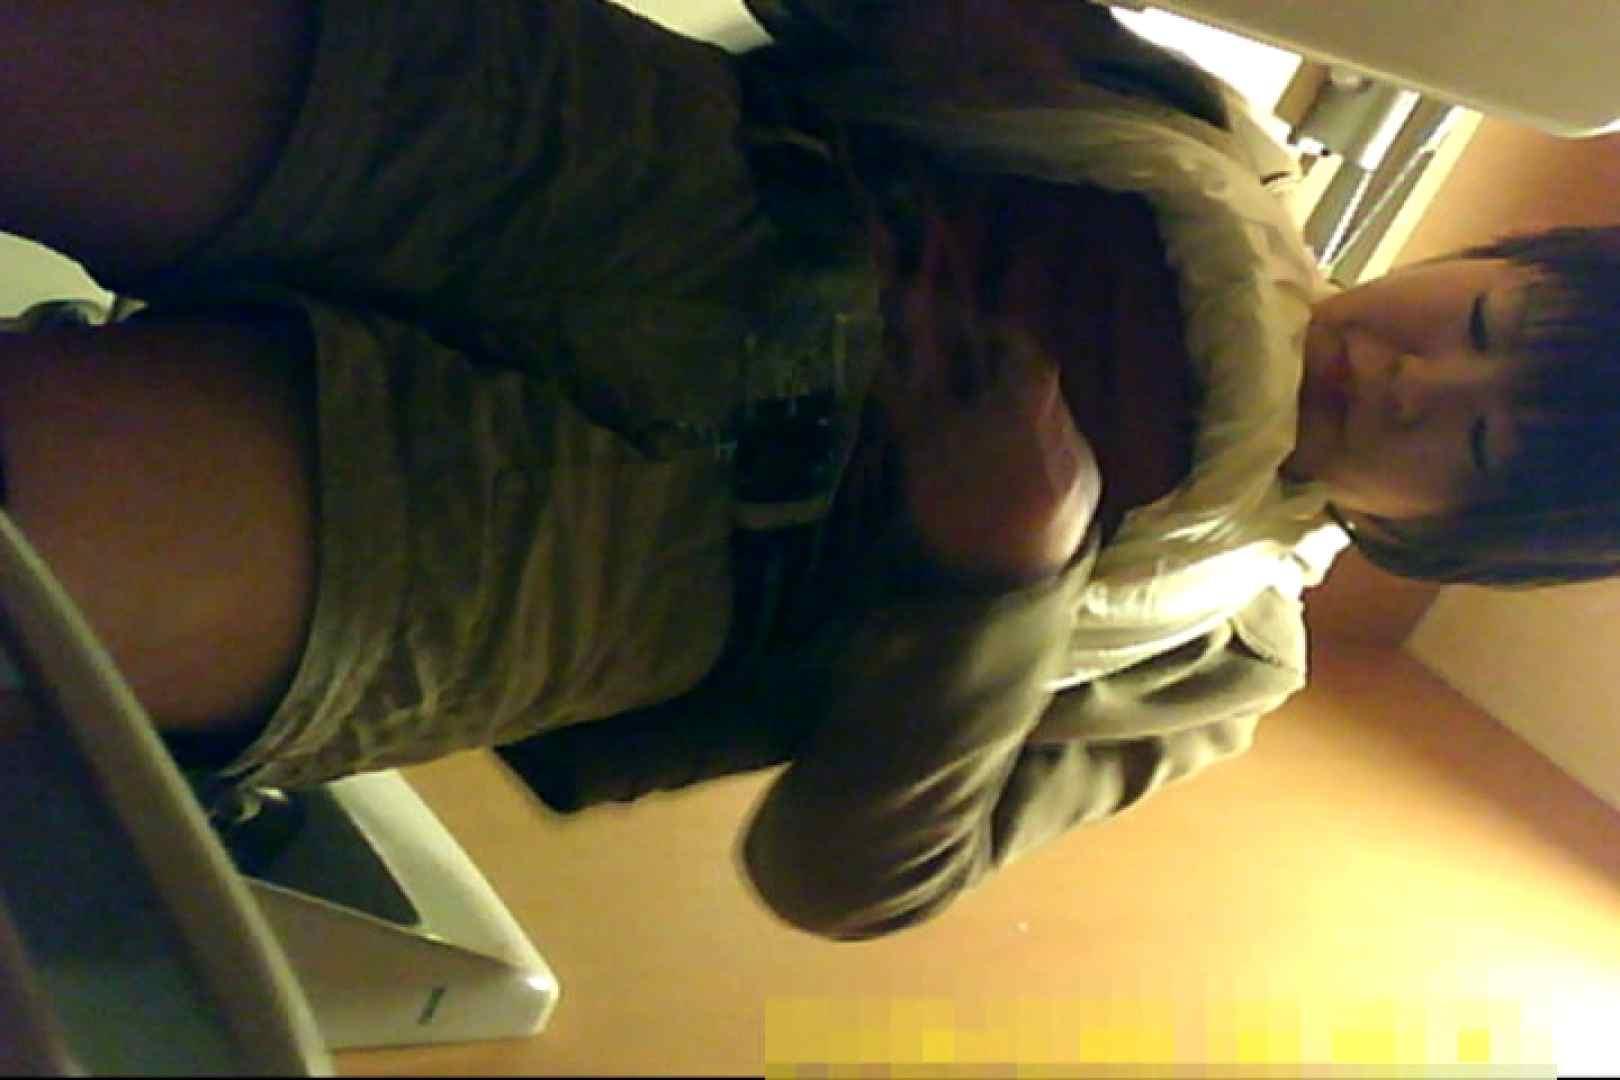 魅惑の化粧室~禁断のプライベート空間~22 お姉さんのエロ生活 オマンコ無修正動画無料 106連発 87